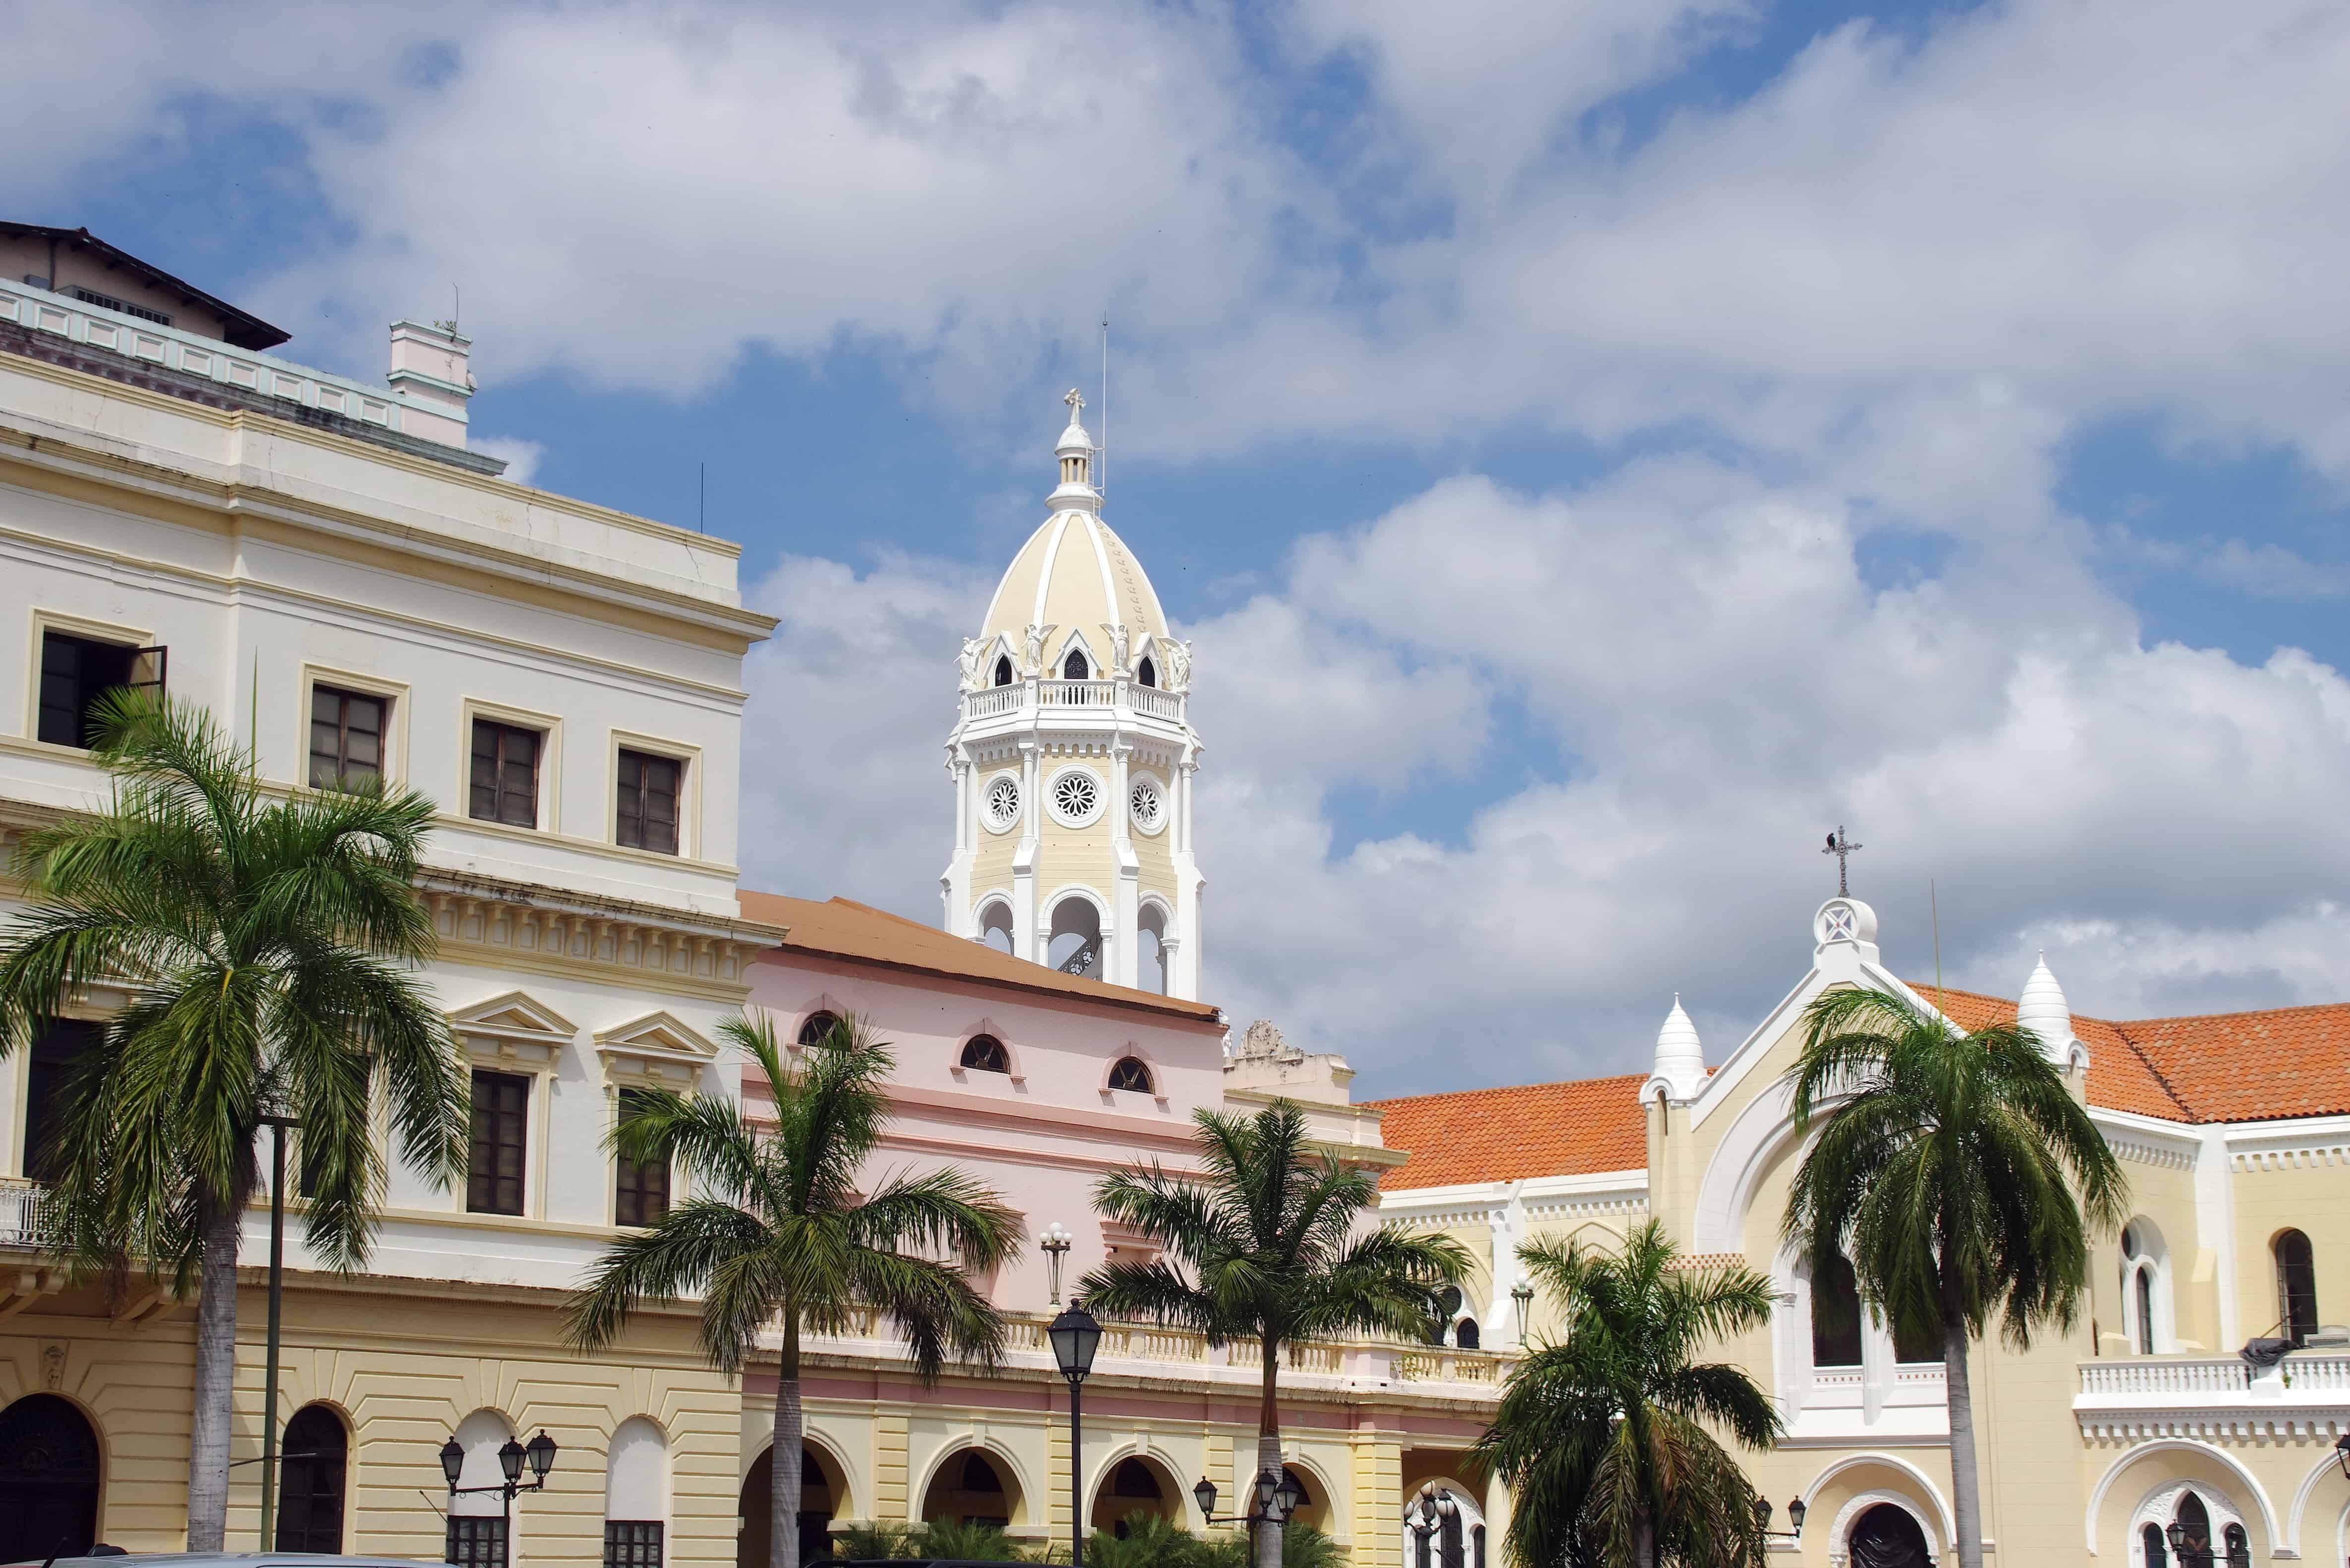 El Casco Viejo Ciudad de Panama